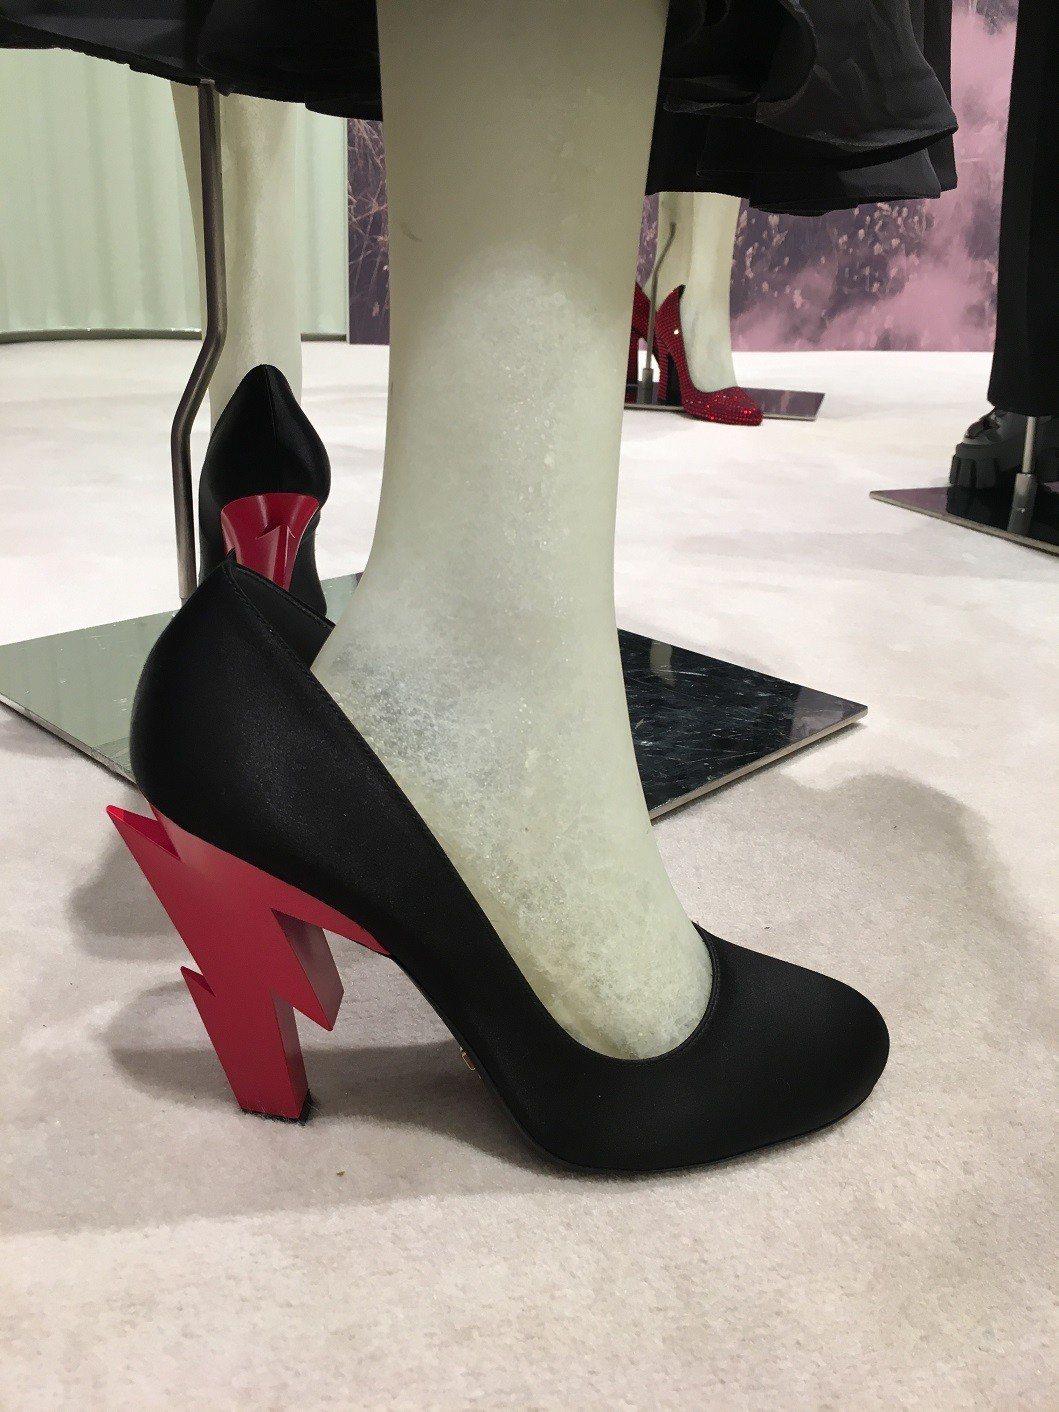 超有造型感的閃電鞋跟。記者吳曉涵/攝影